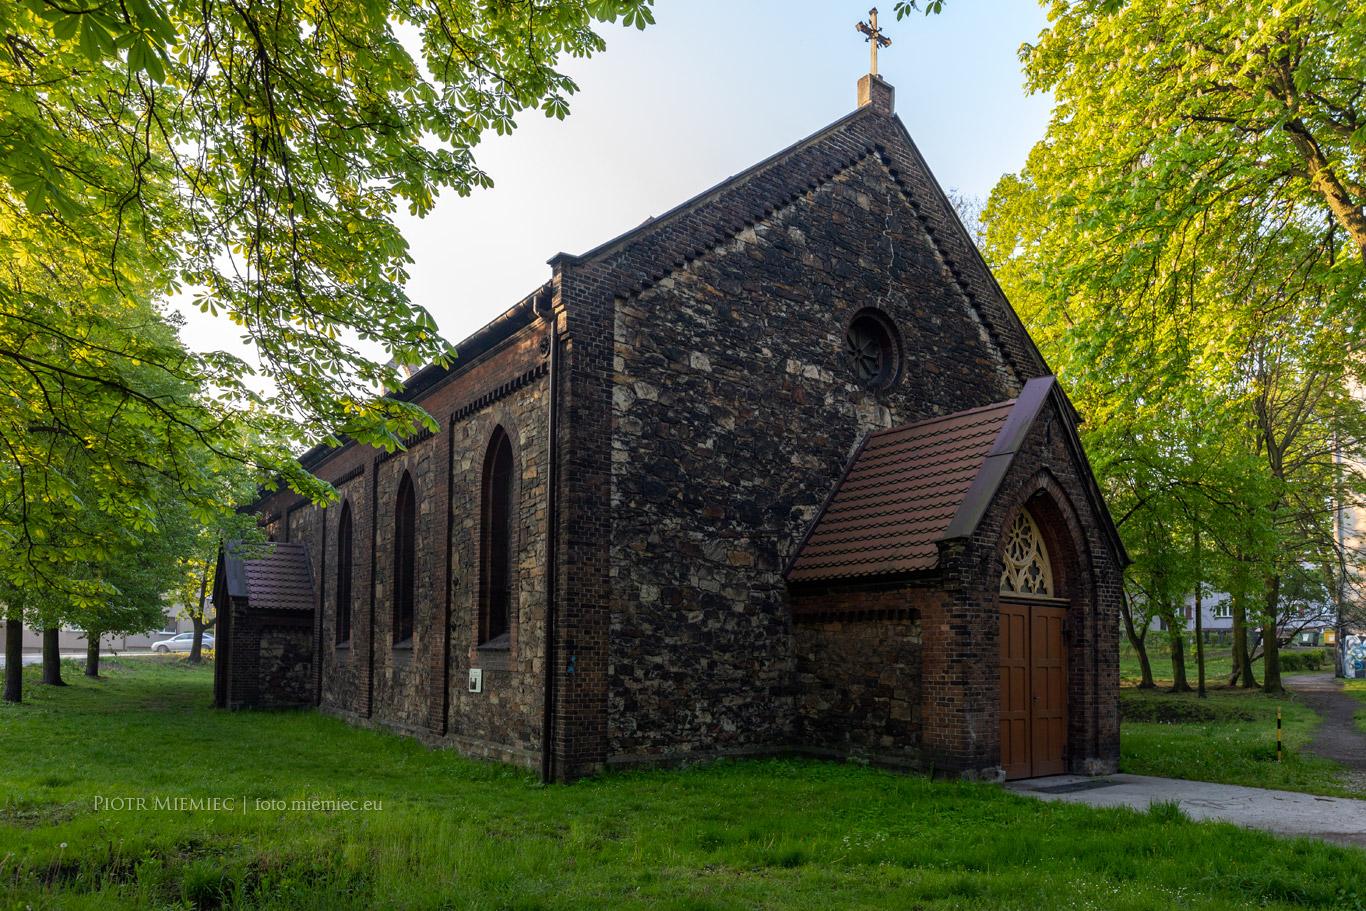 Kaplica Piusa X w Rudzie Śląskiej